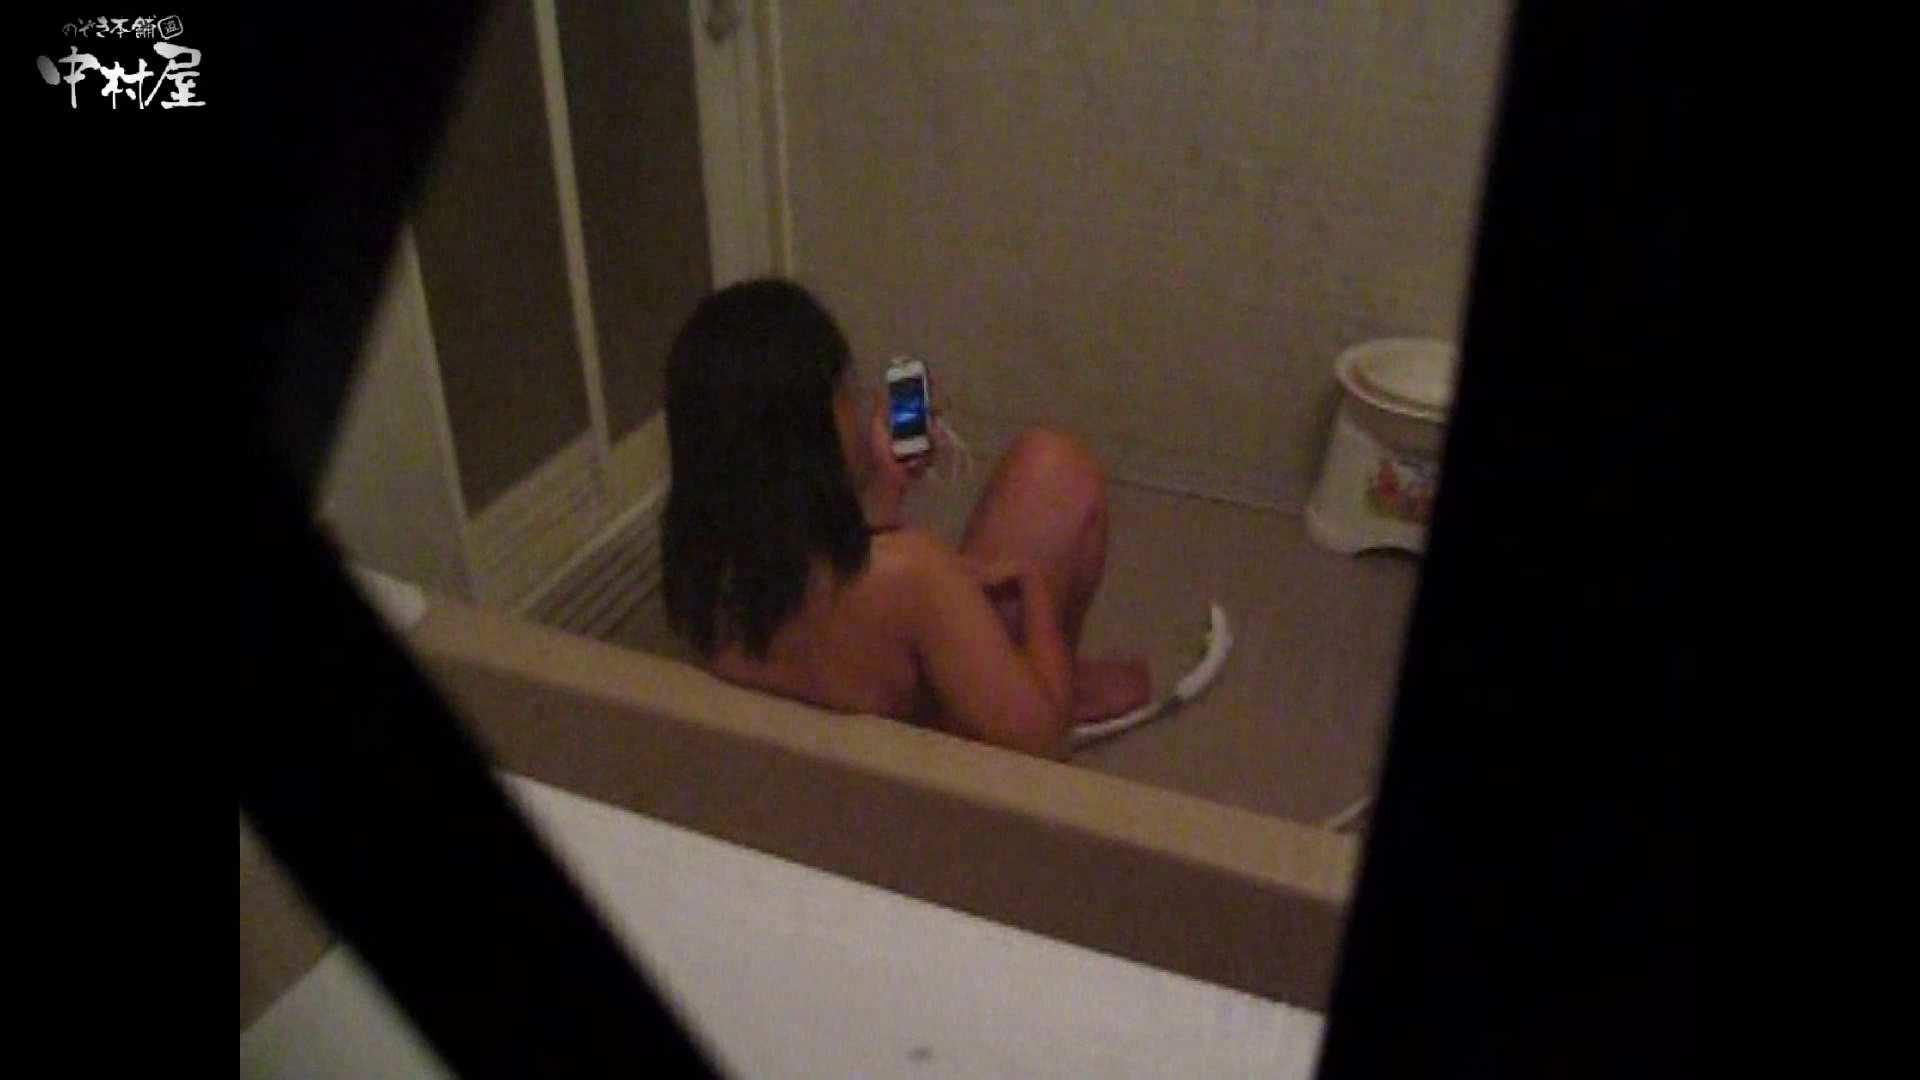 民家風呂専門盗撮師の超危険映像 vol.018 美女丸裸 覗きおまんこ画像 85pic 33